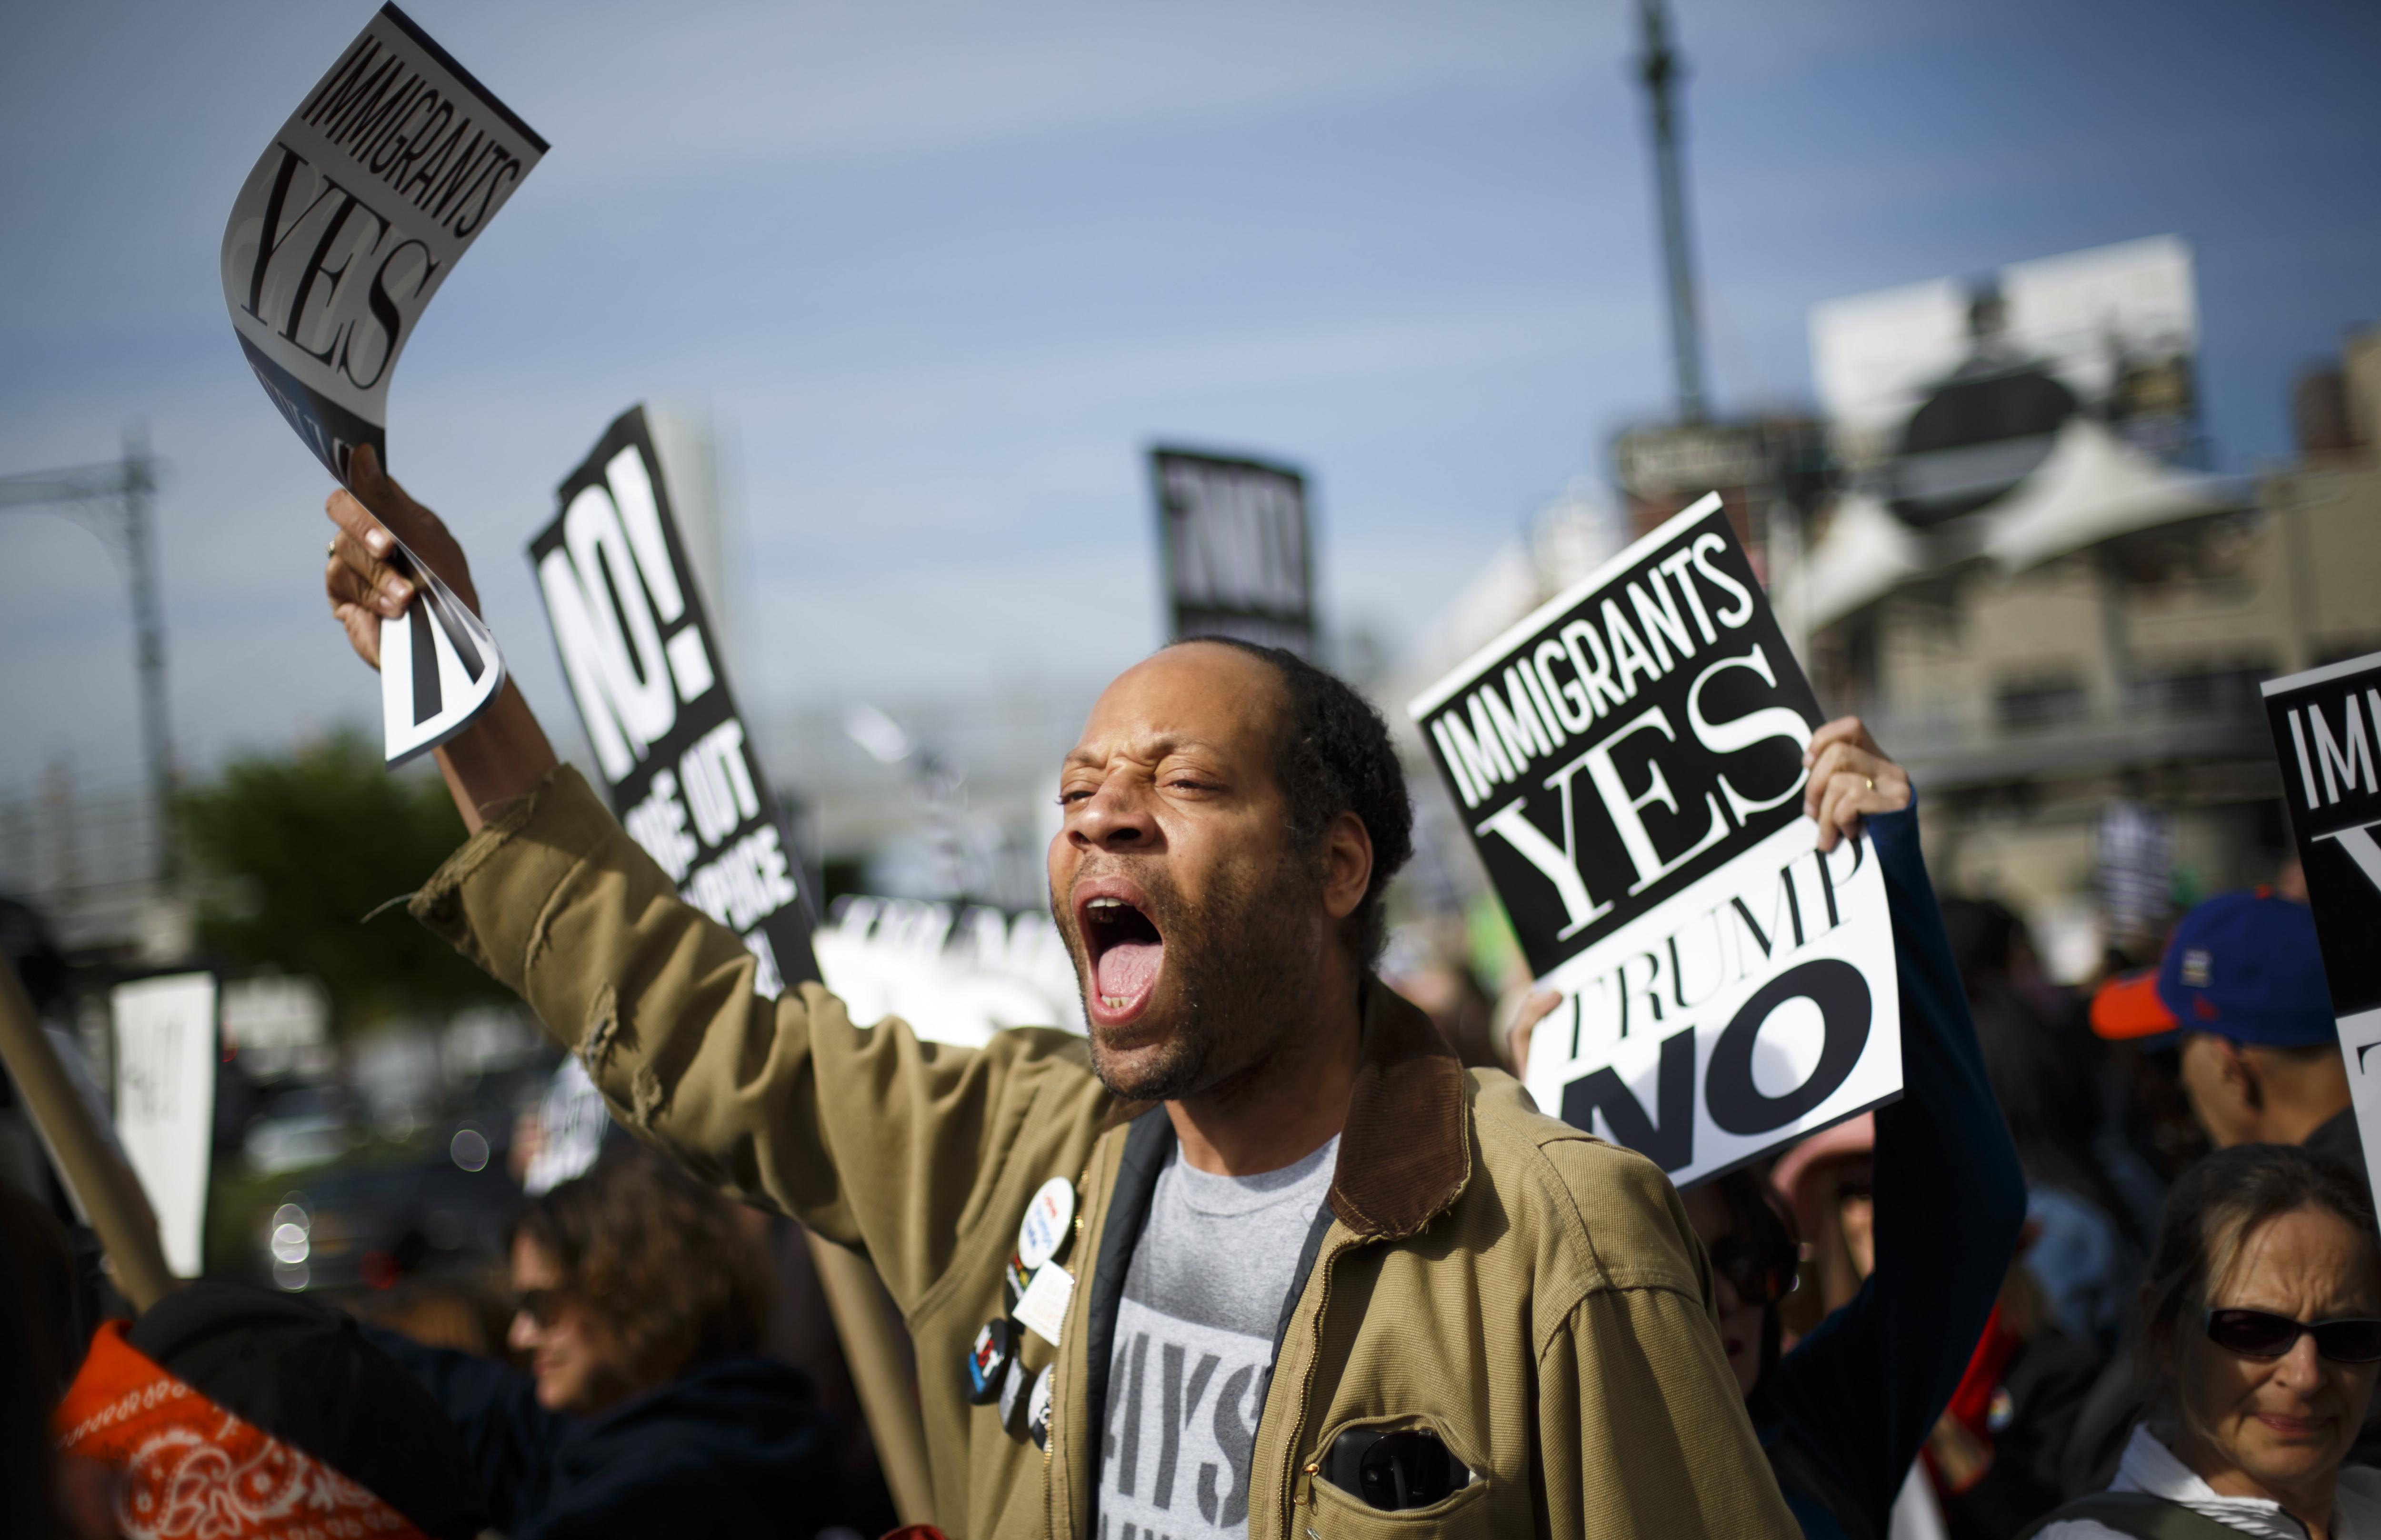 Manifestants es reuneixen per protestar contra el president Trump durant la seva primera visita a la ciutat de Nova York. /JUSTIN LANE